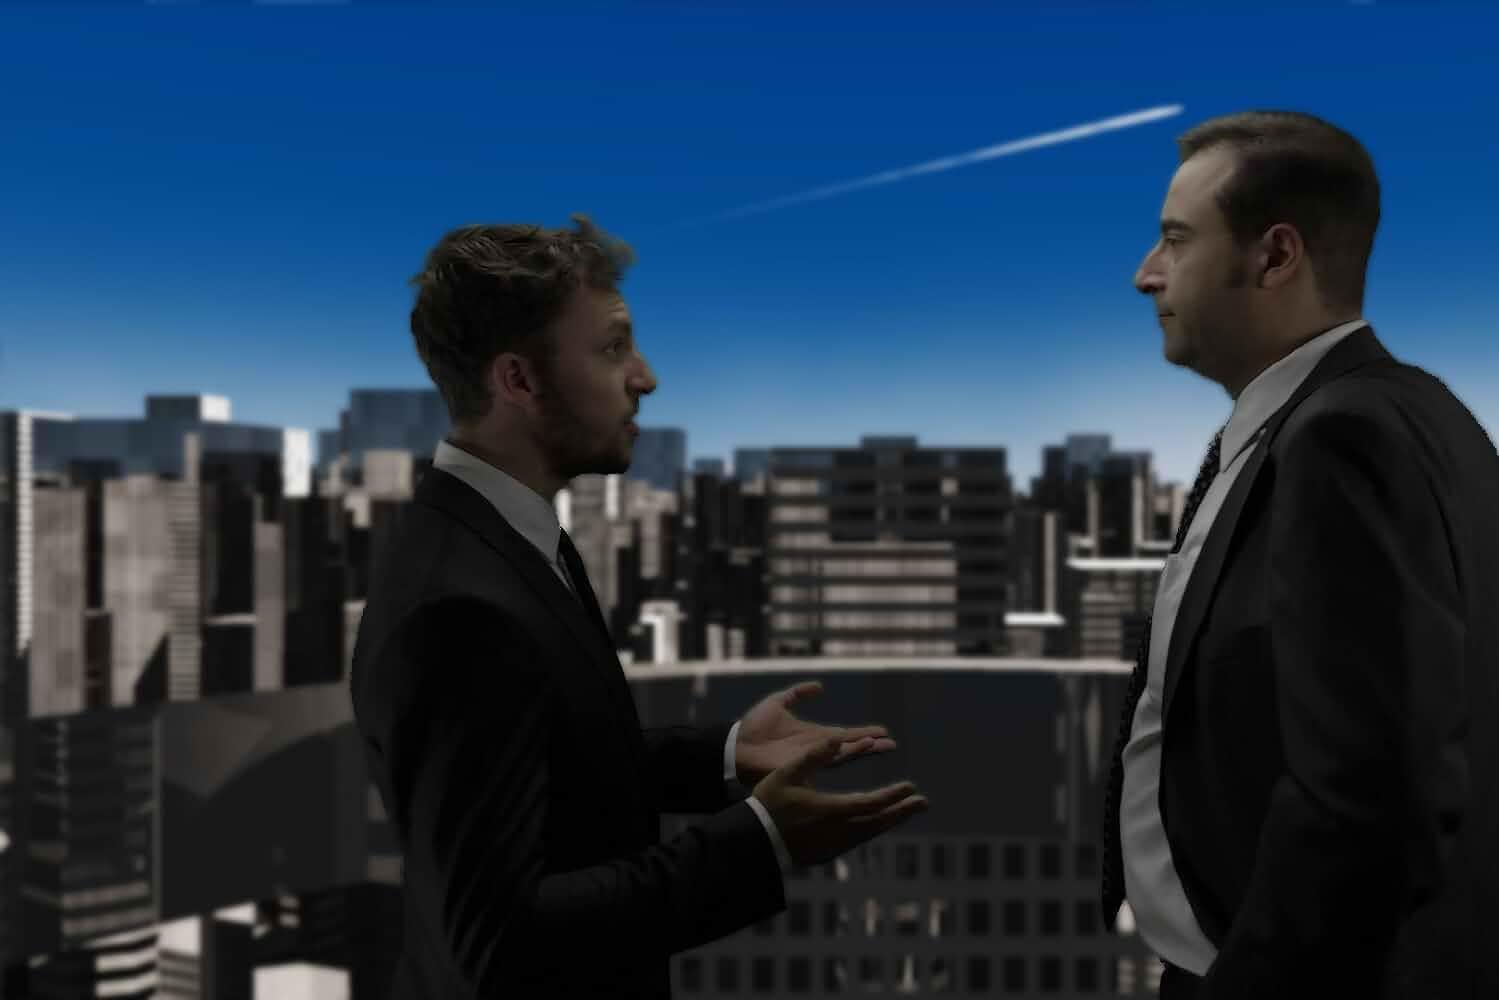 The Zero-Sum Perspective (2018)